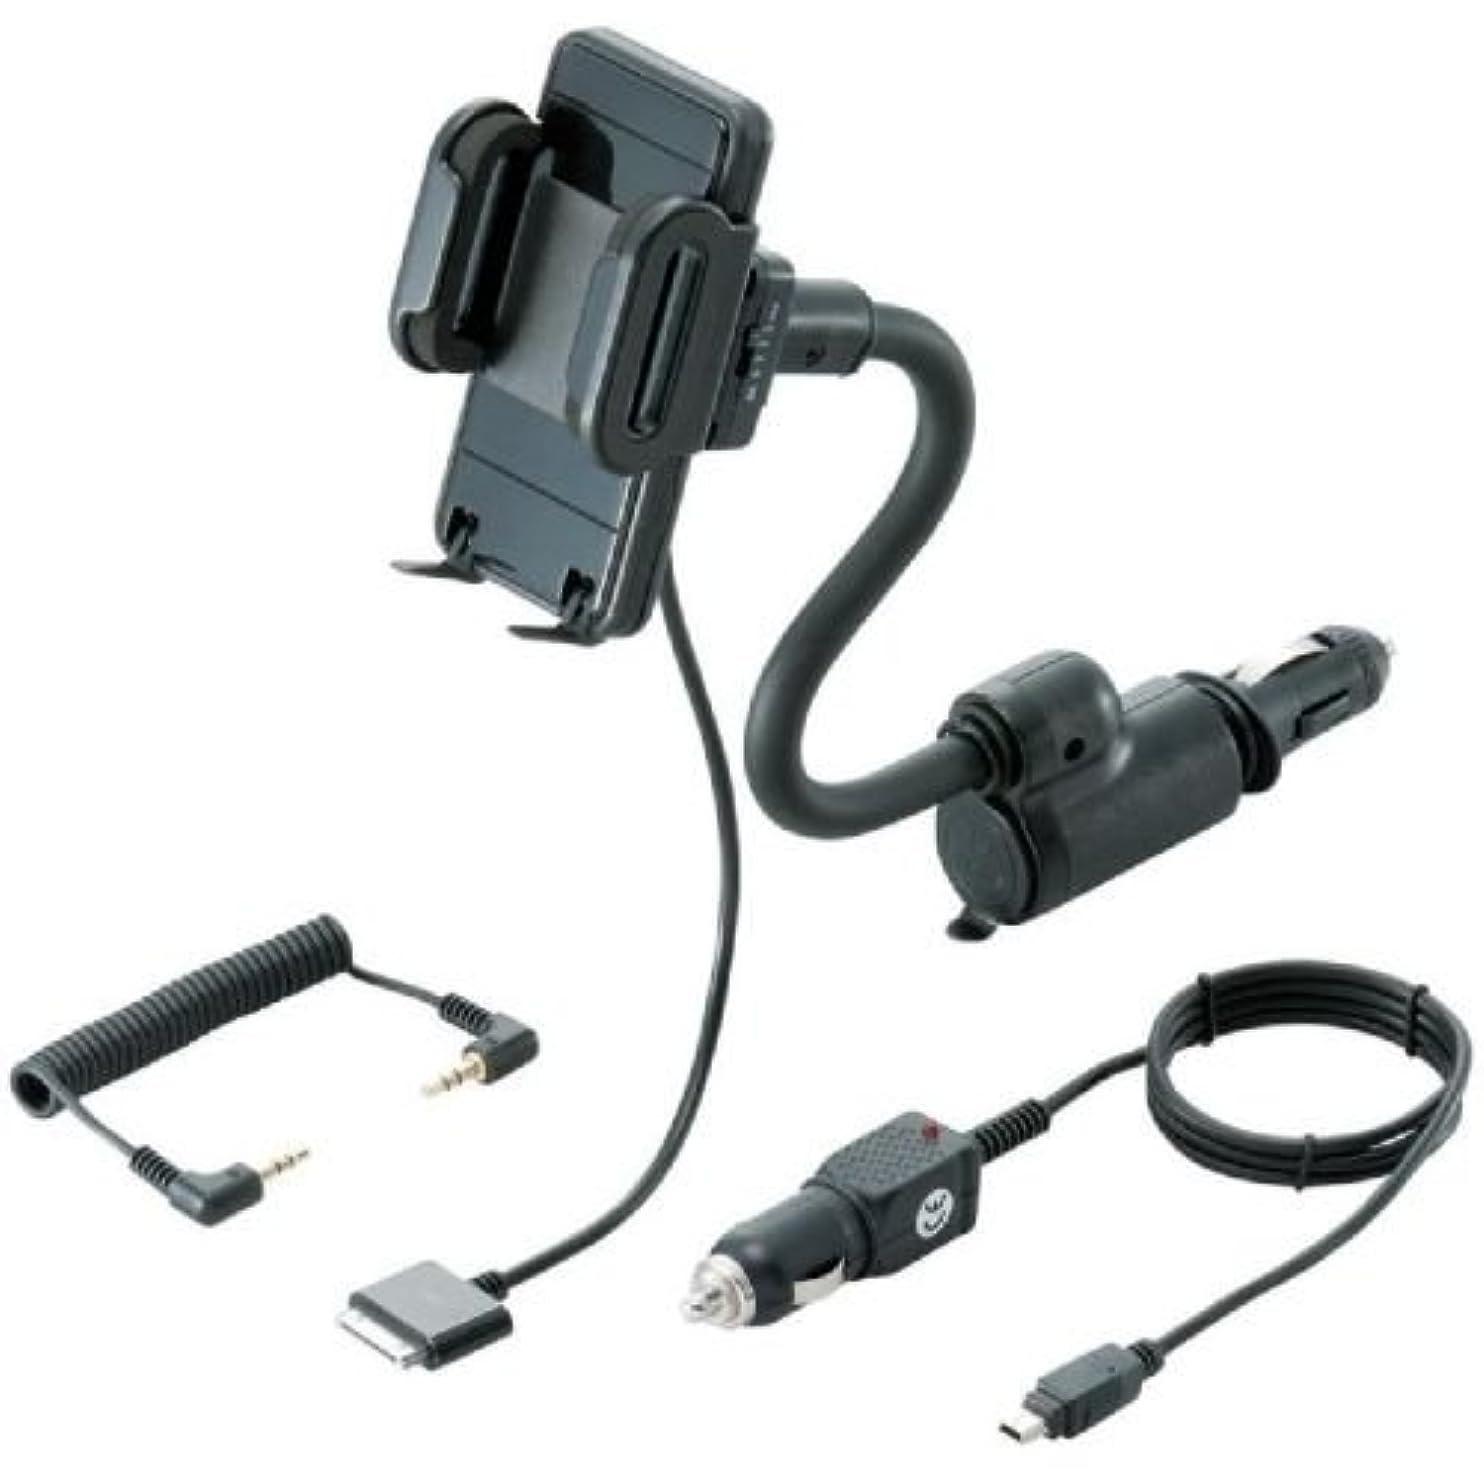 液化する乱暴なスカーフLogitec FMトランスミッター iPhone/iPod touch用 ホルダータイプ シガーチャージャー取り付け式 Made for iPhone LAT-MPIH03C LAT-MPIH03C